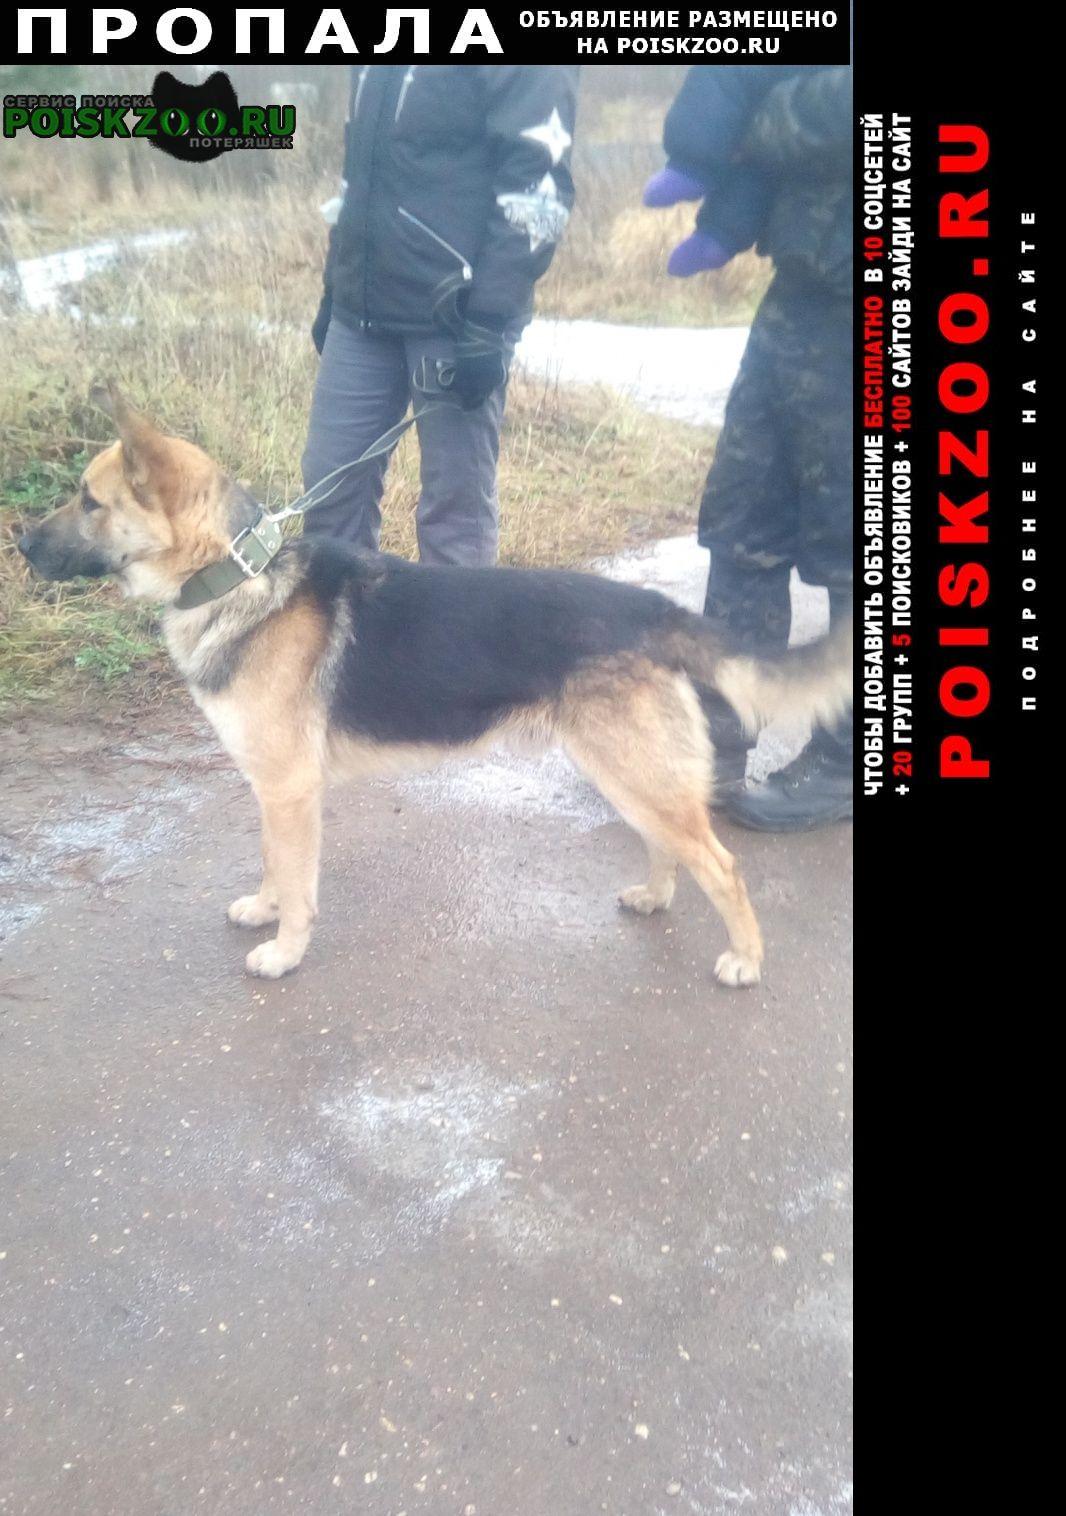 Пропала собака пёс близкий метис немецкой овчарки Кадников